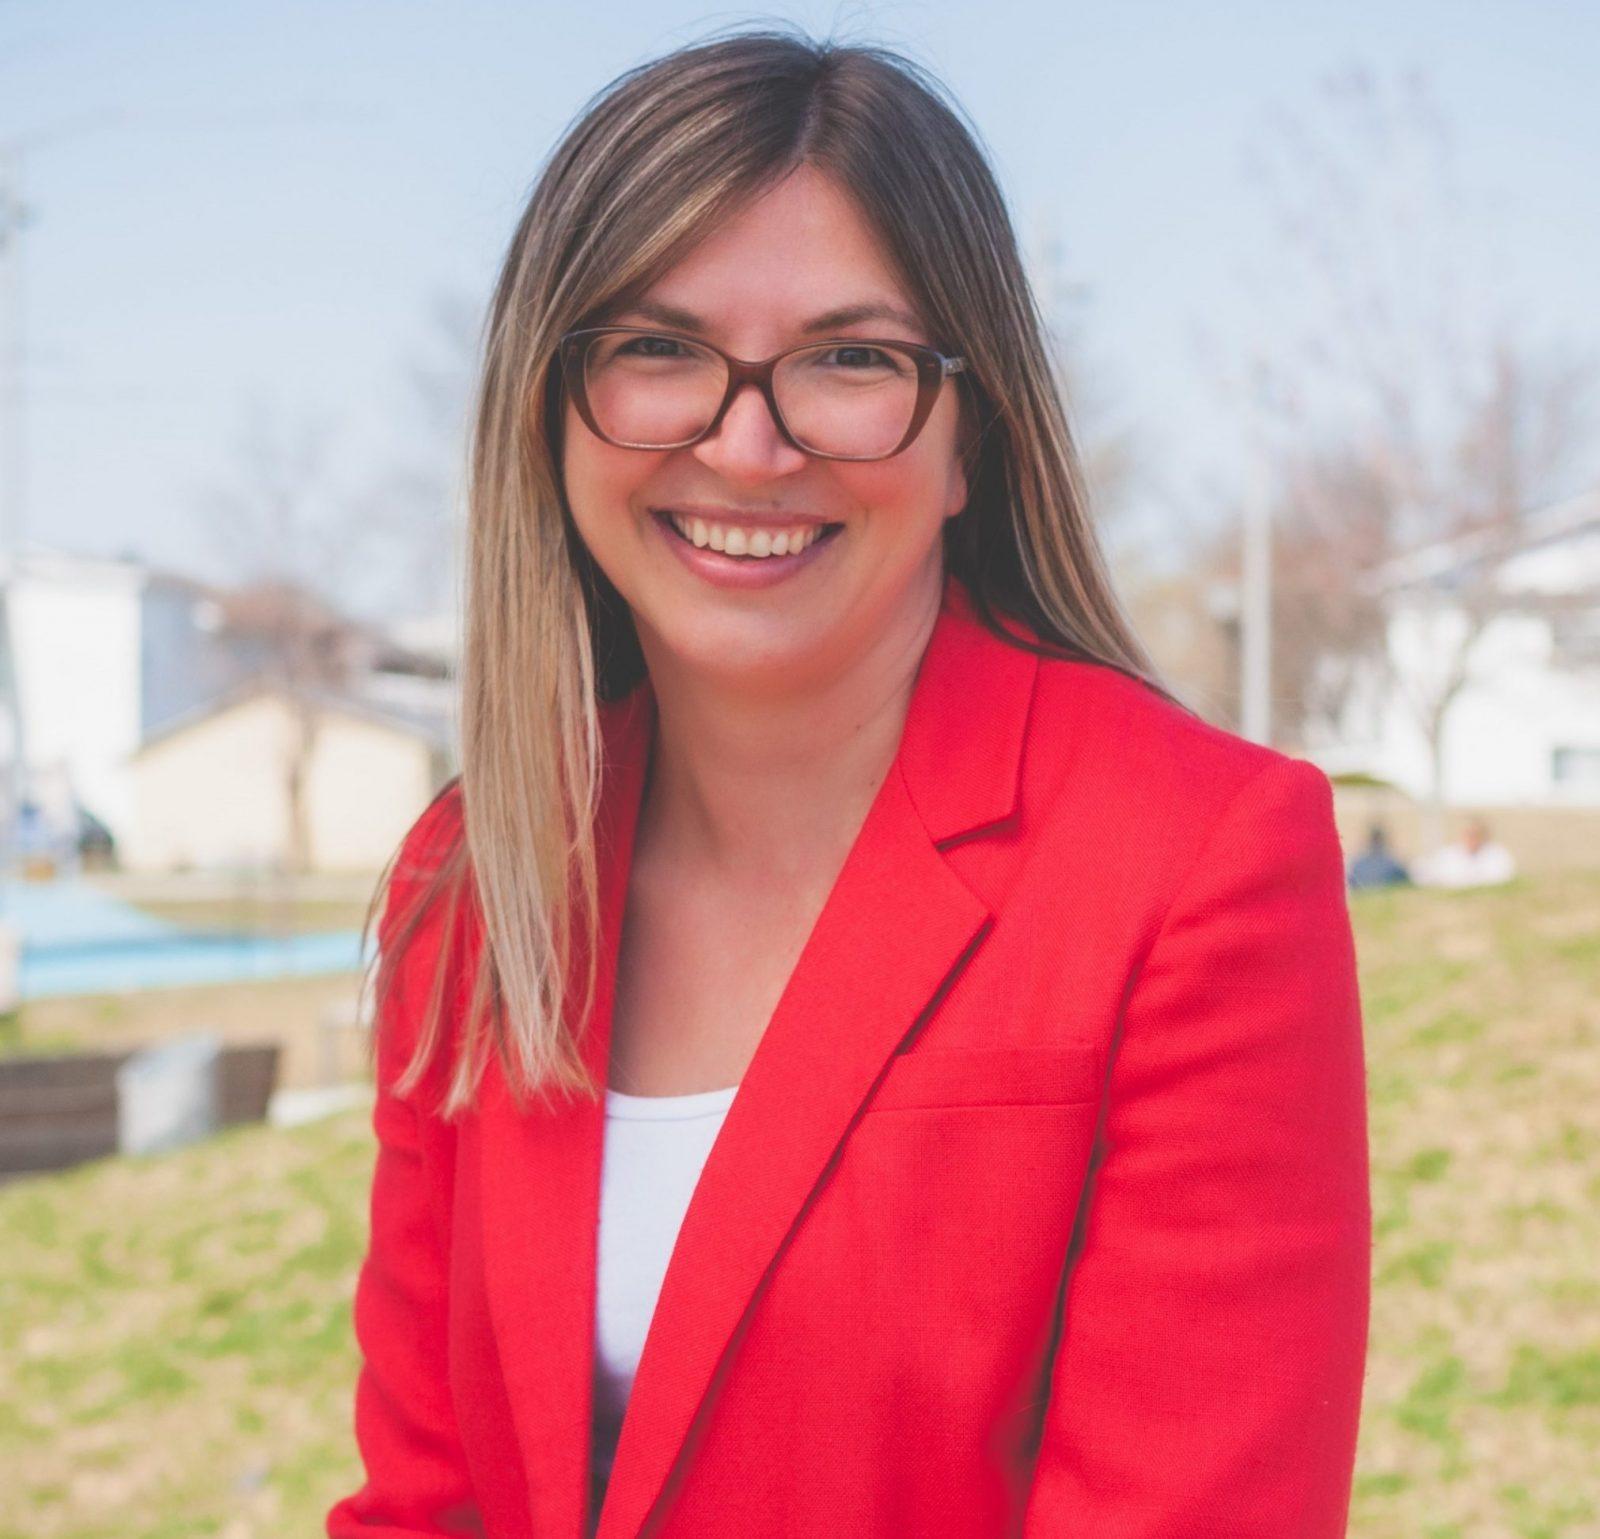 Sarah Saint-Cyr Lanoie se présentera dans le district 5